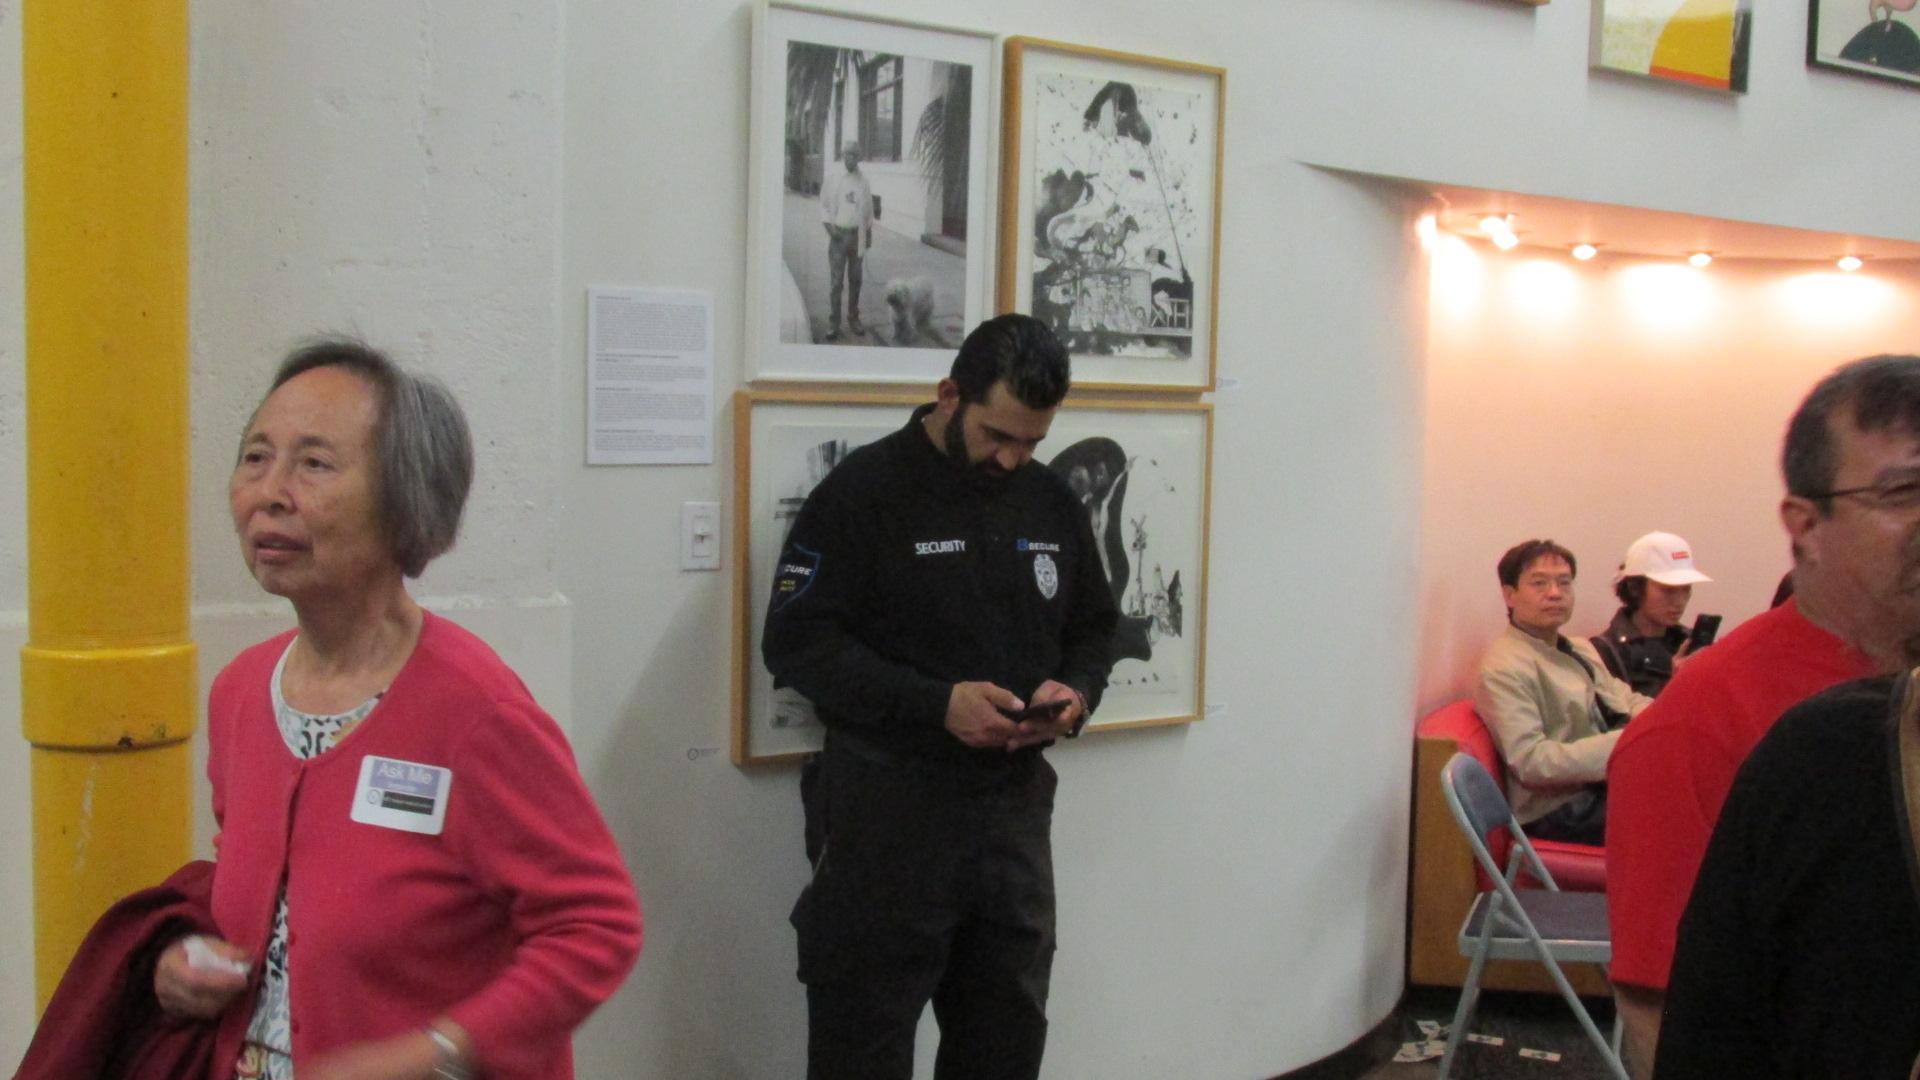 AE 62 Security